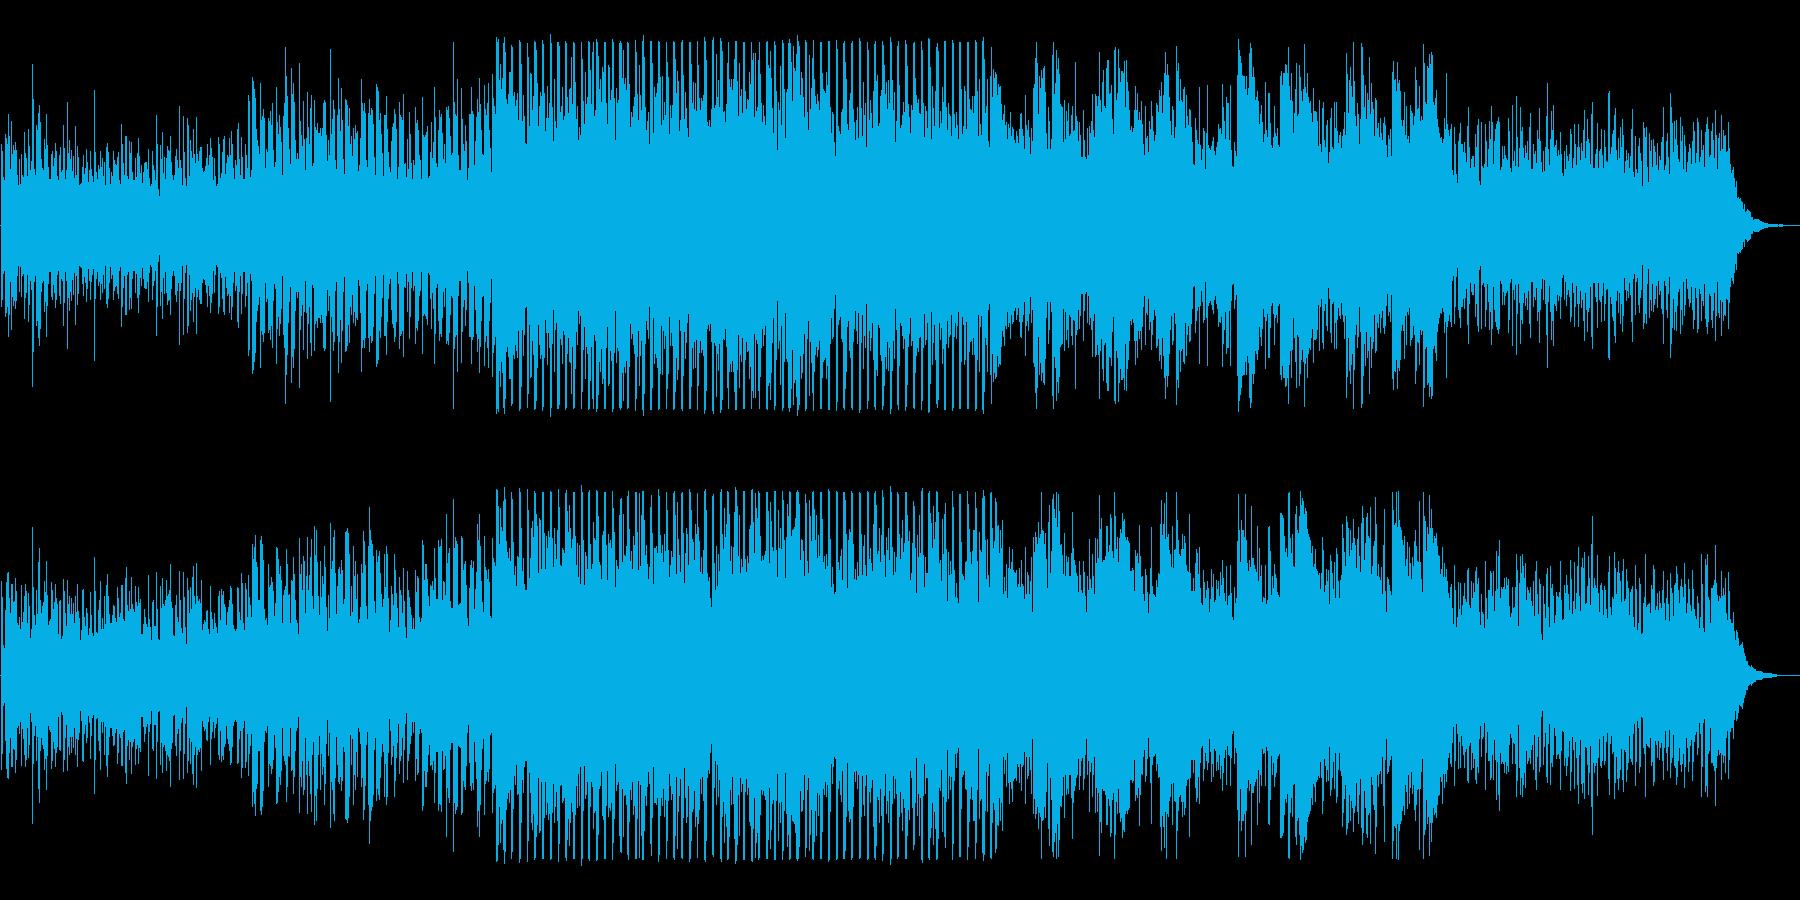 近未来的でクールなピアノテクノの再生済みの波形